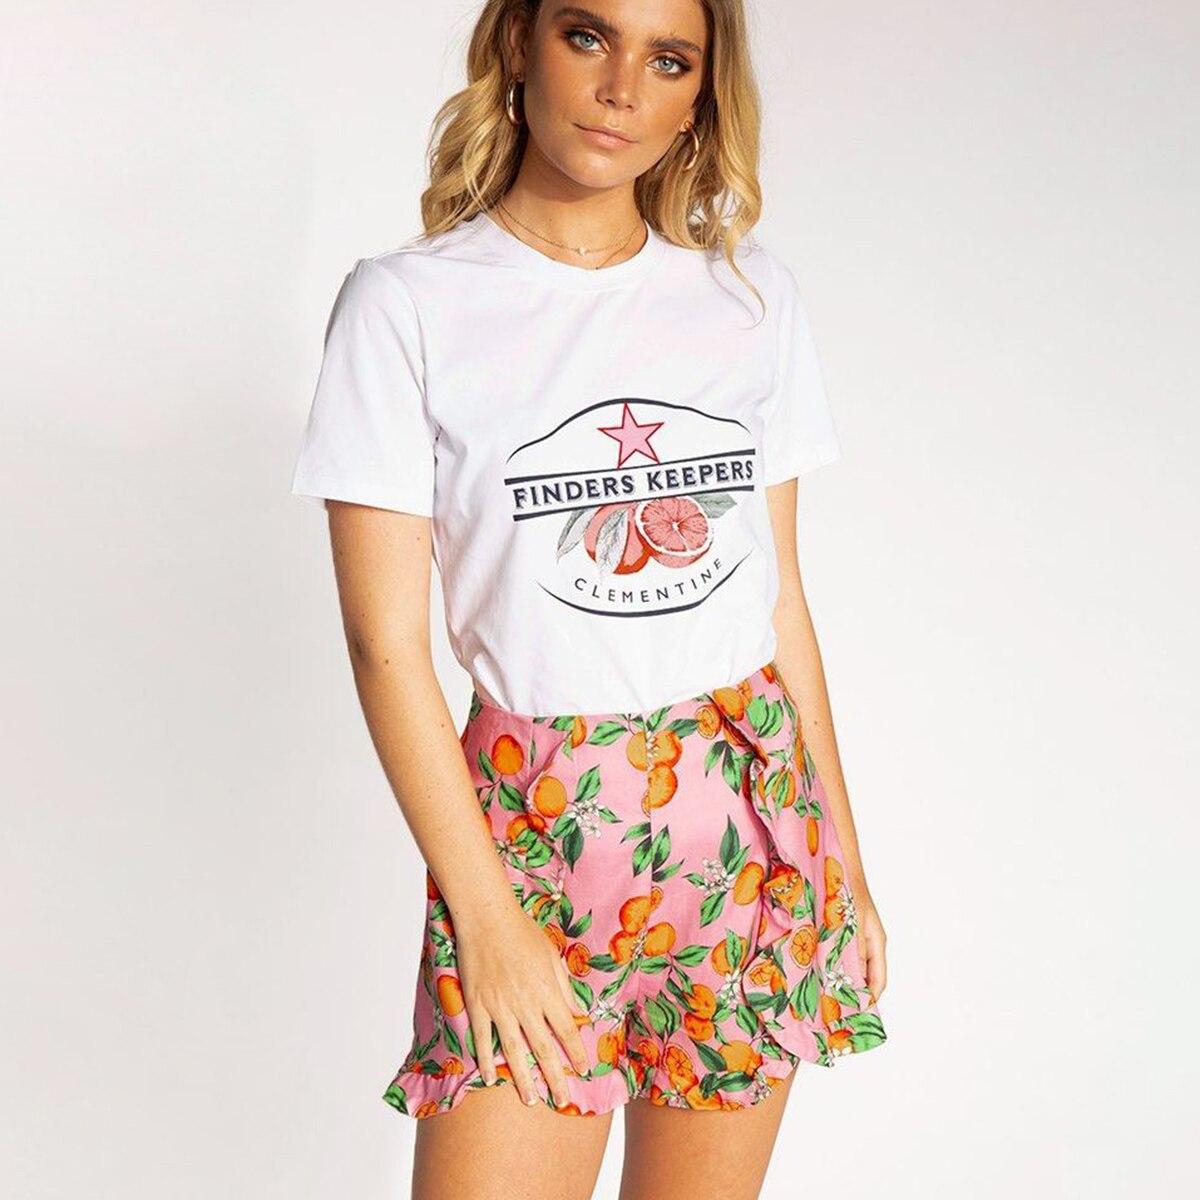 87a81311cf69 Mandarino Ruffles Shorts Donne Rosa A Vita Alta Stampa Casual Streetwear  Gonna Shorts 2019 Vestiti di